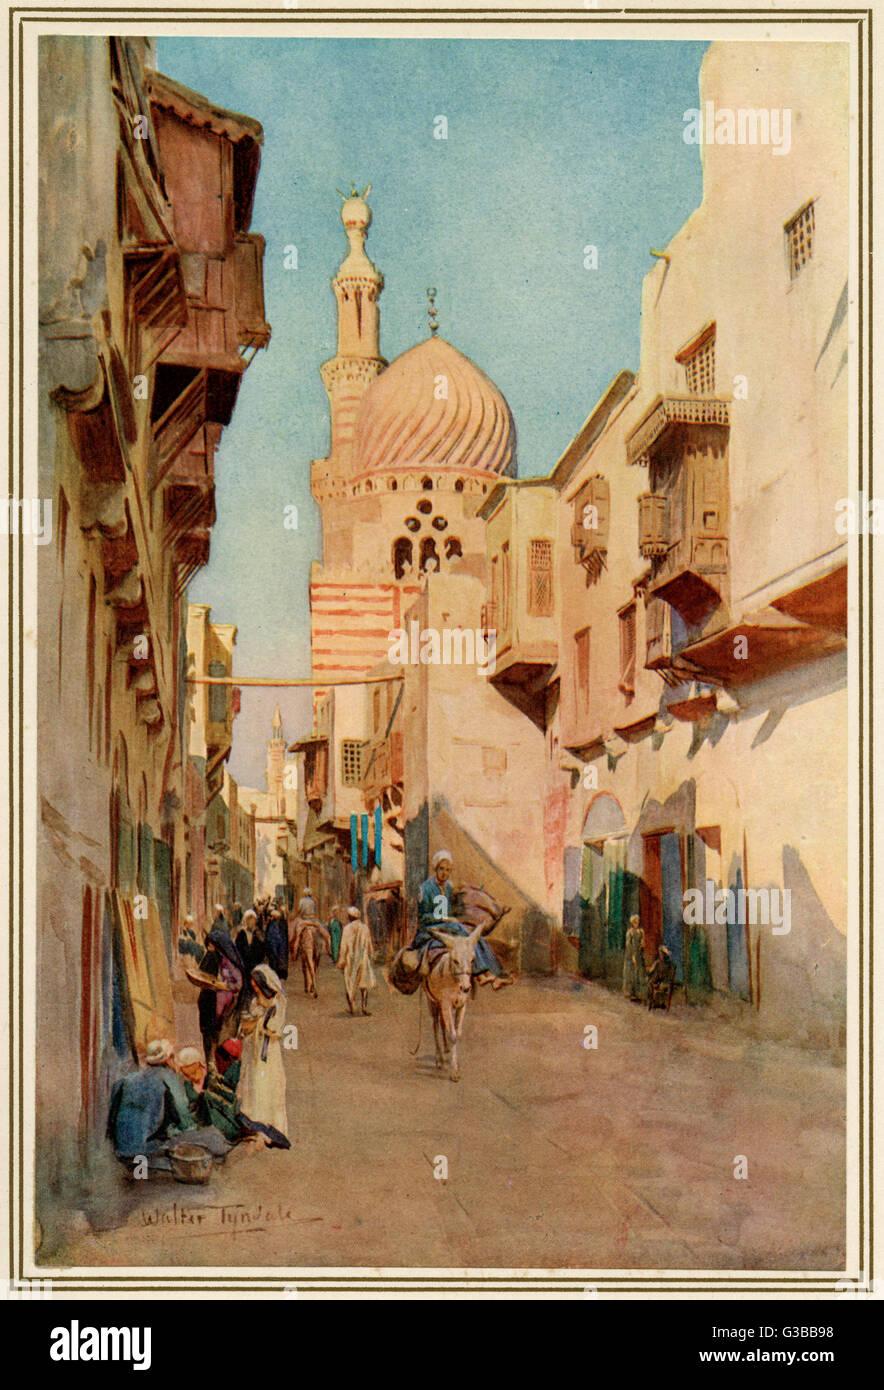 Le Caire: Suk-es-Sélah. Date: 1912 Photo Stock